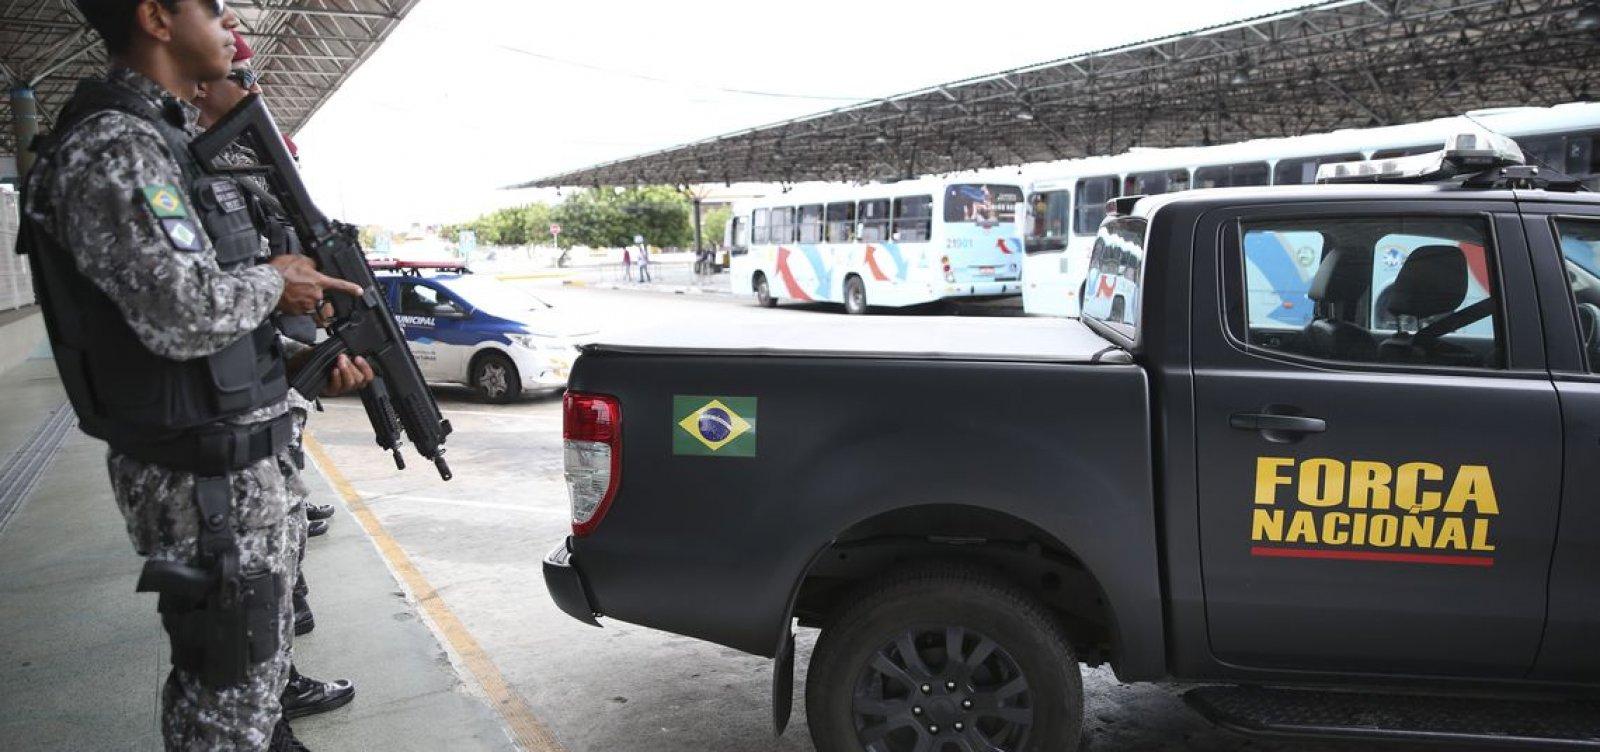 [Força Nacional atuará no Ceará por mais 90 dias]